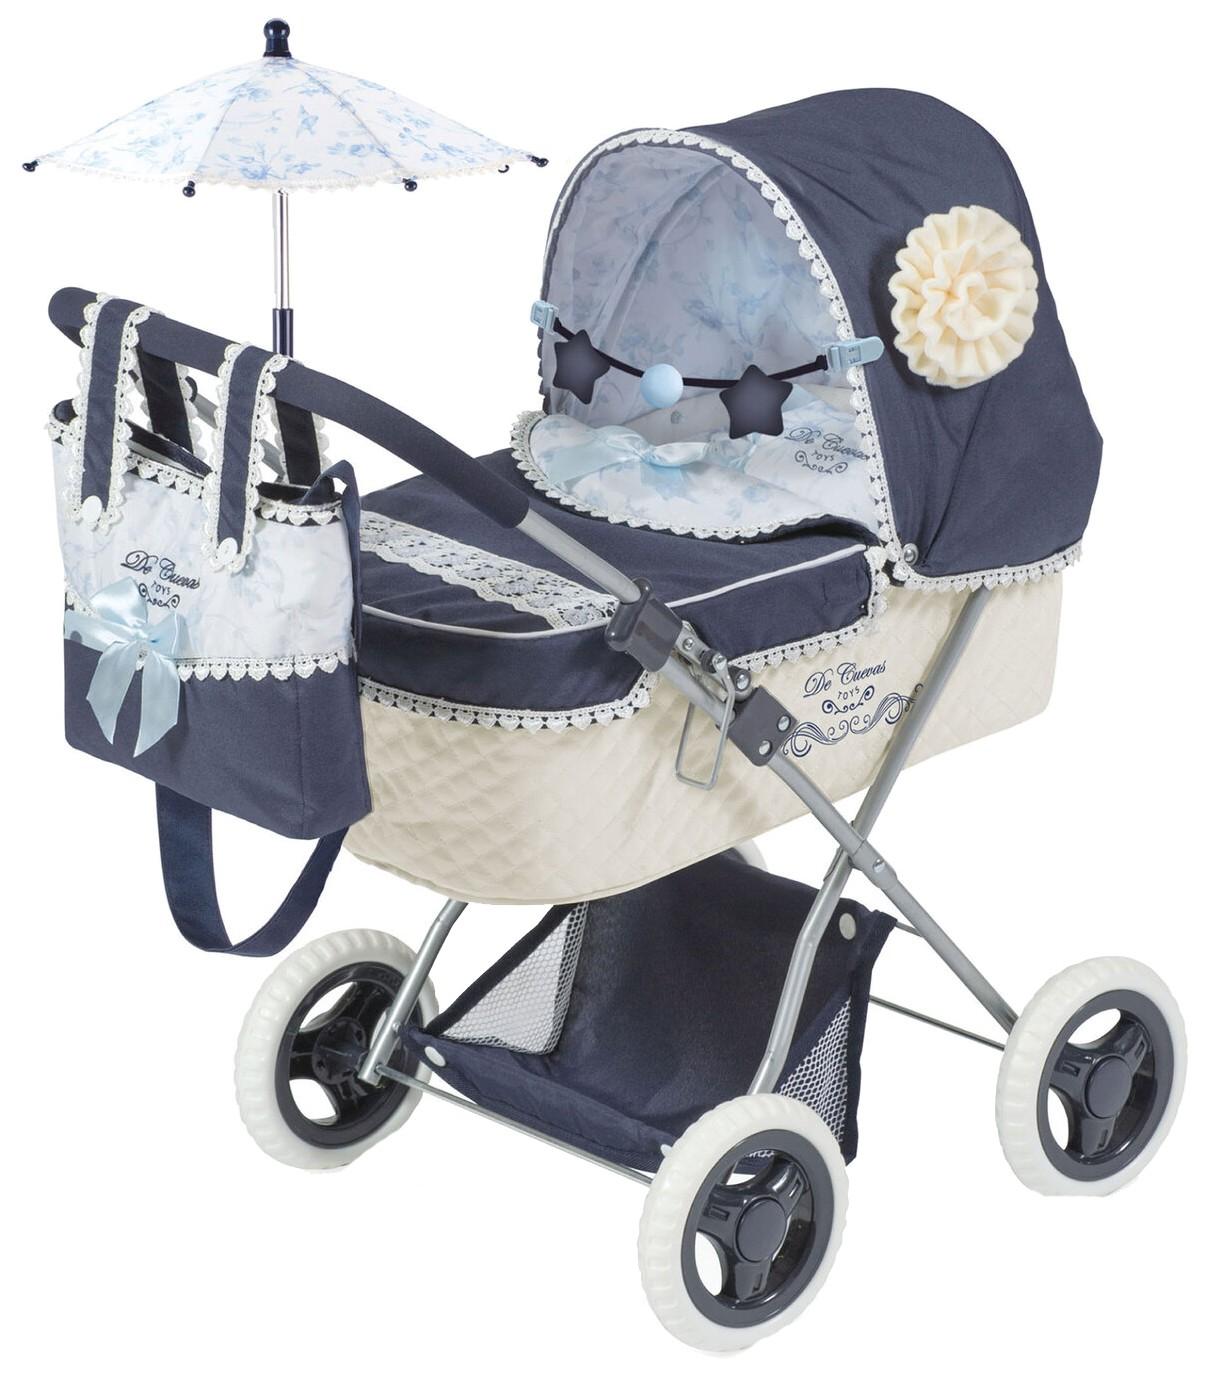 Купить Коляска для куклы, с сумкой и зонтиком Романтик , 60 см, DeCuevas,